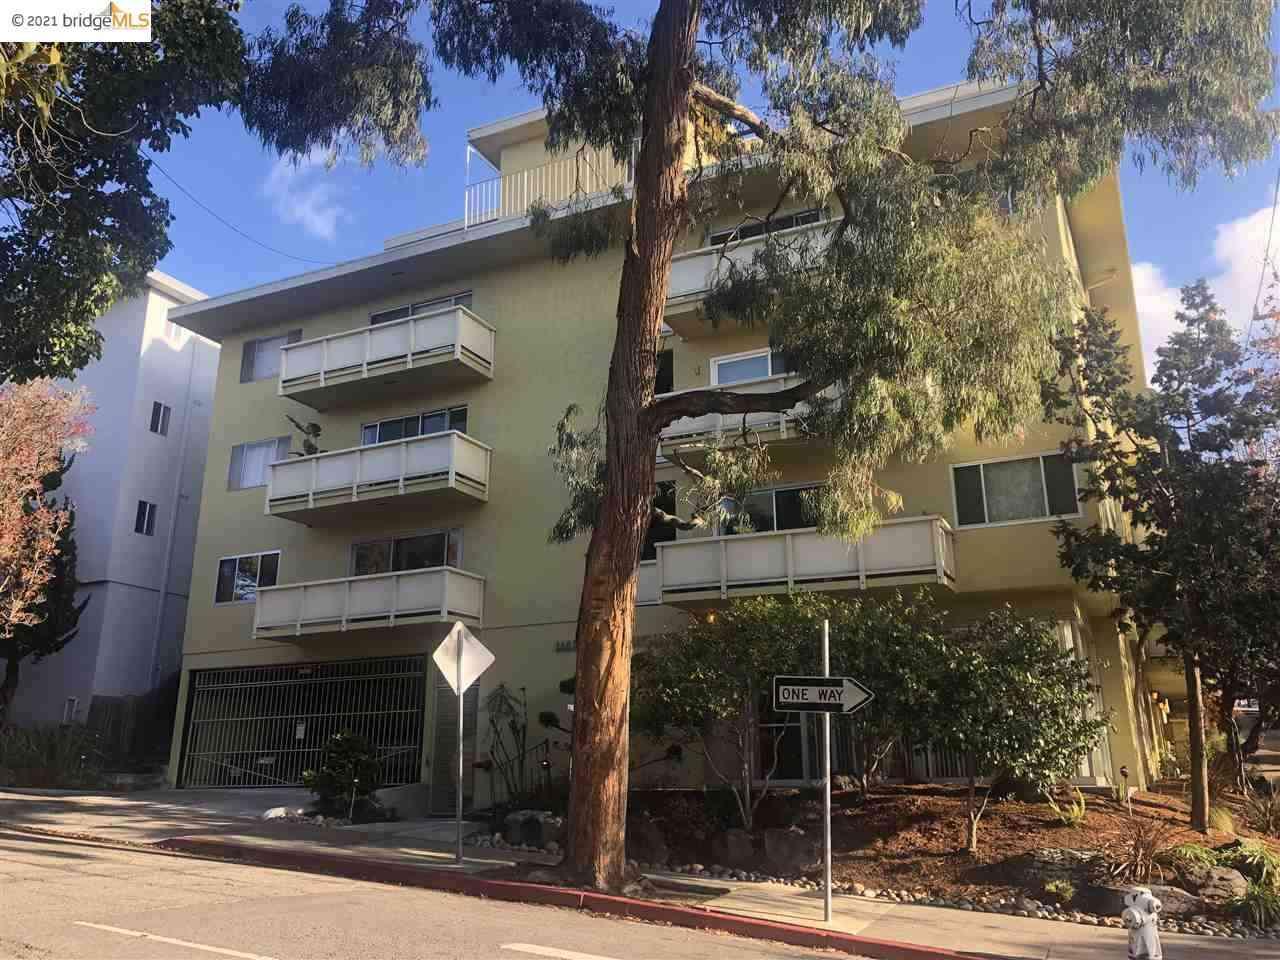 3750 HARRISON ST #306, Oakland, CA, 94611,